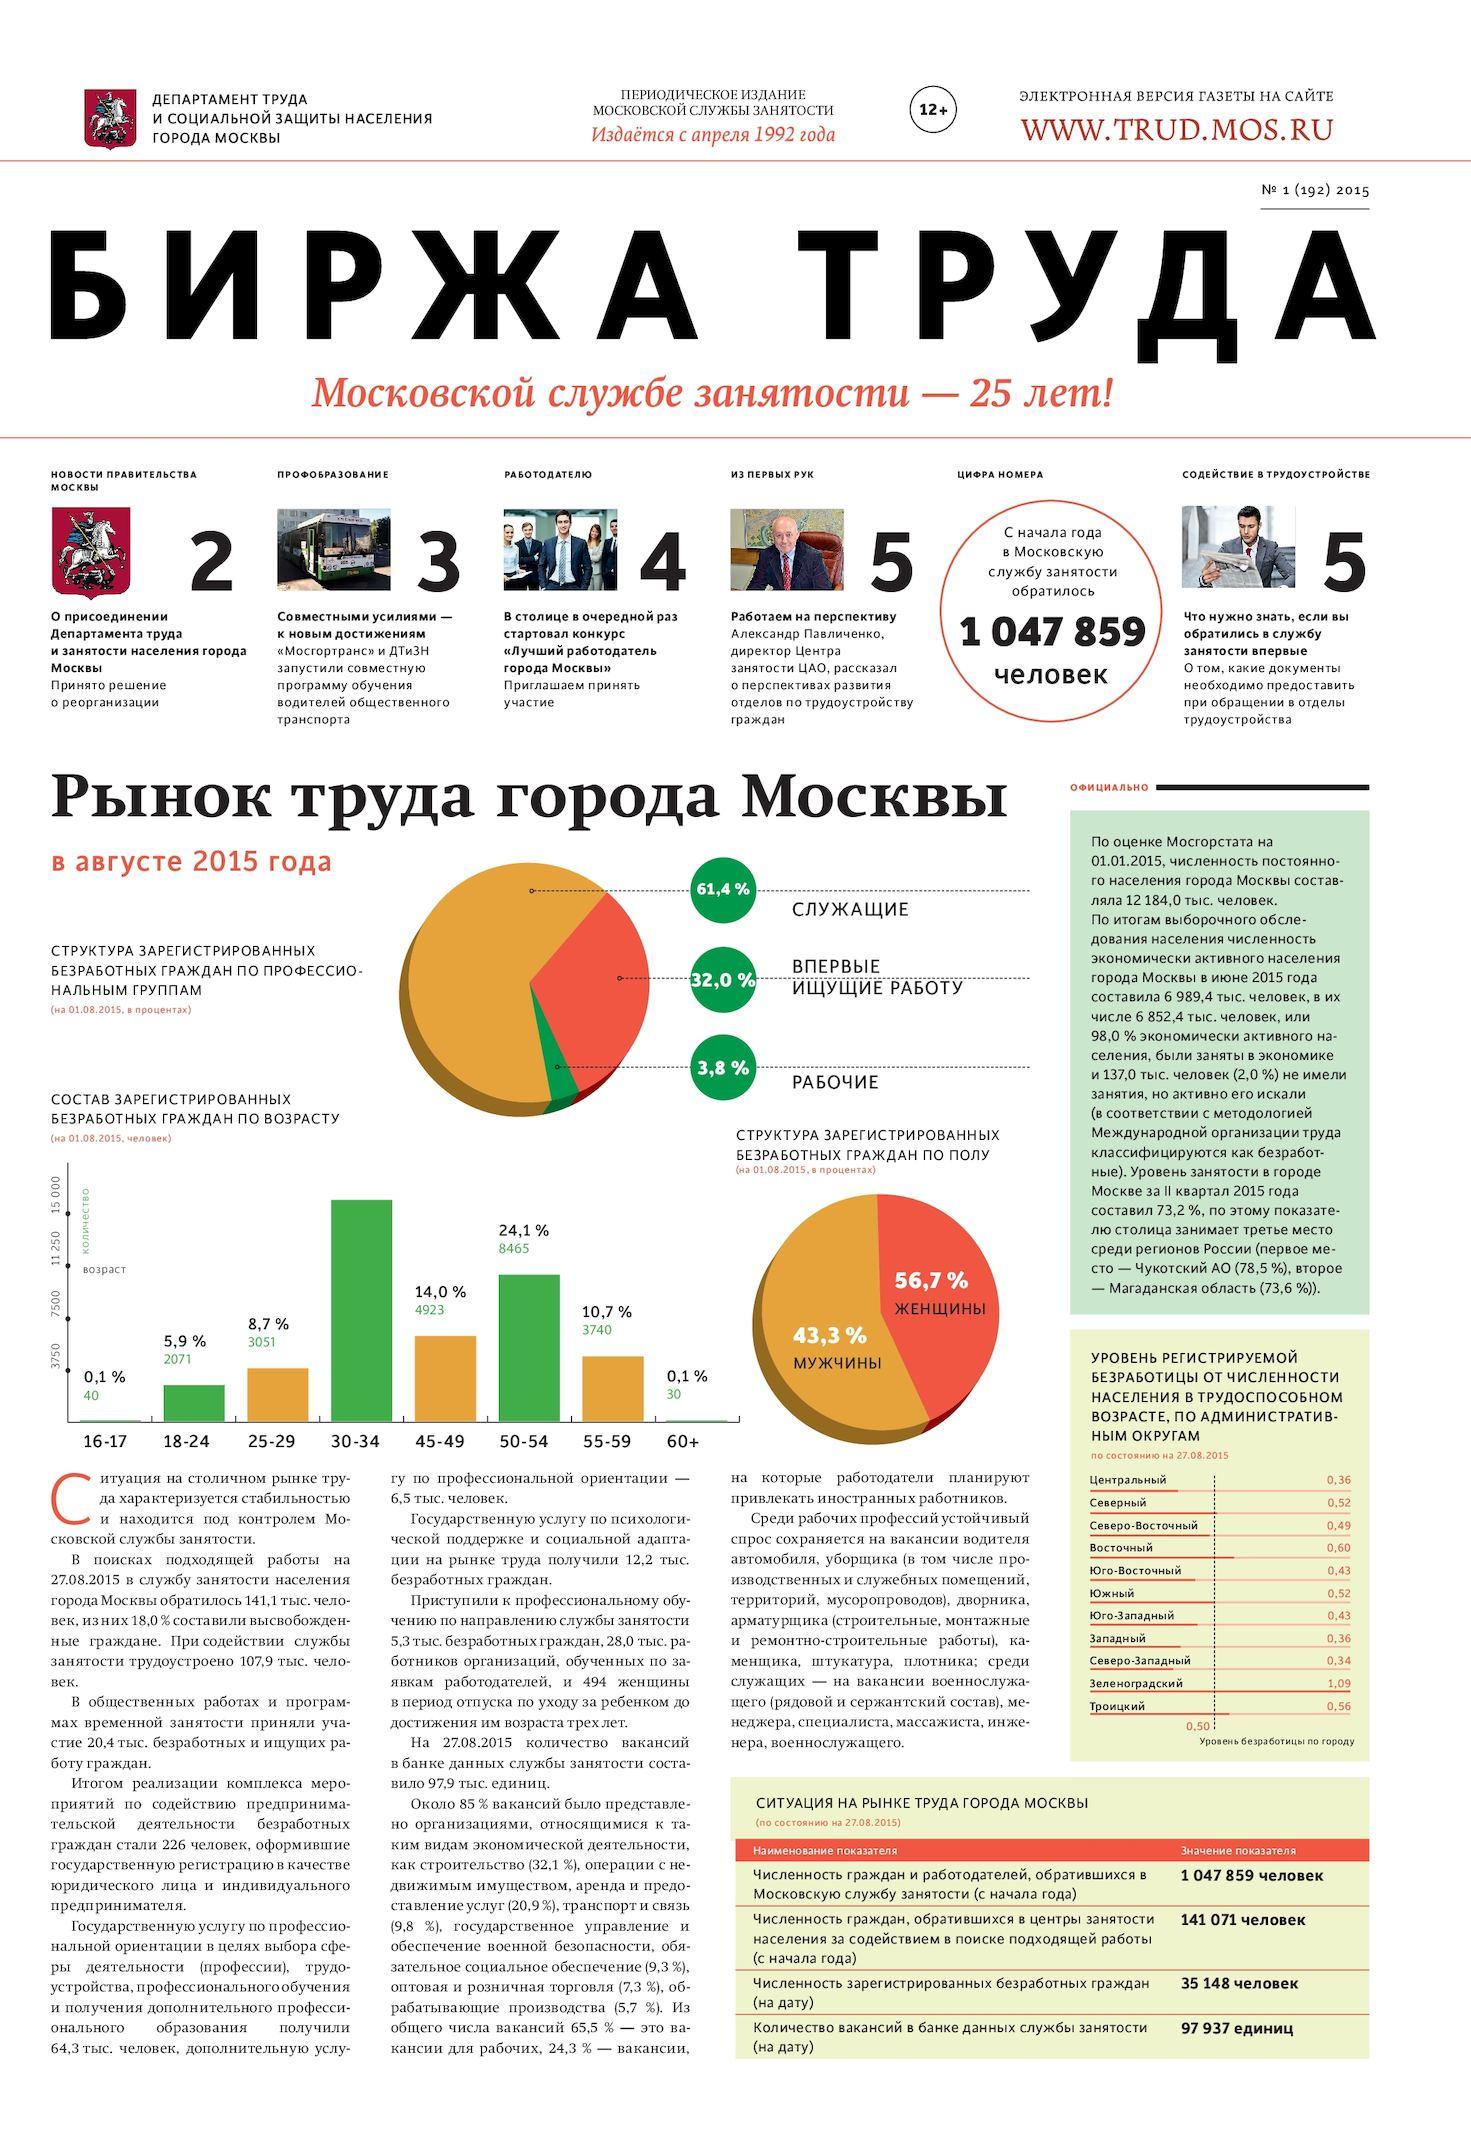 Трудовой договор для фмс в москве Рублевское шоссе справку с места работы с подтверждением Новосибирская улица